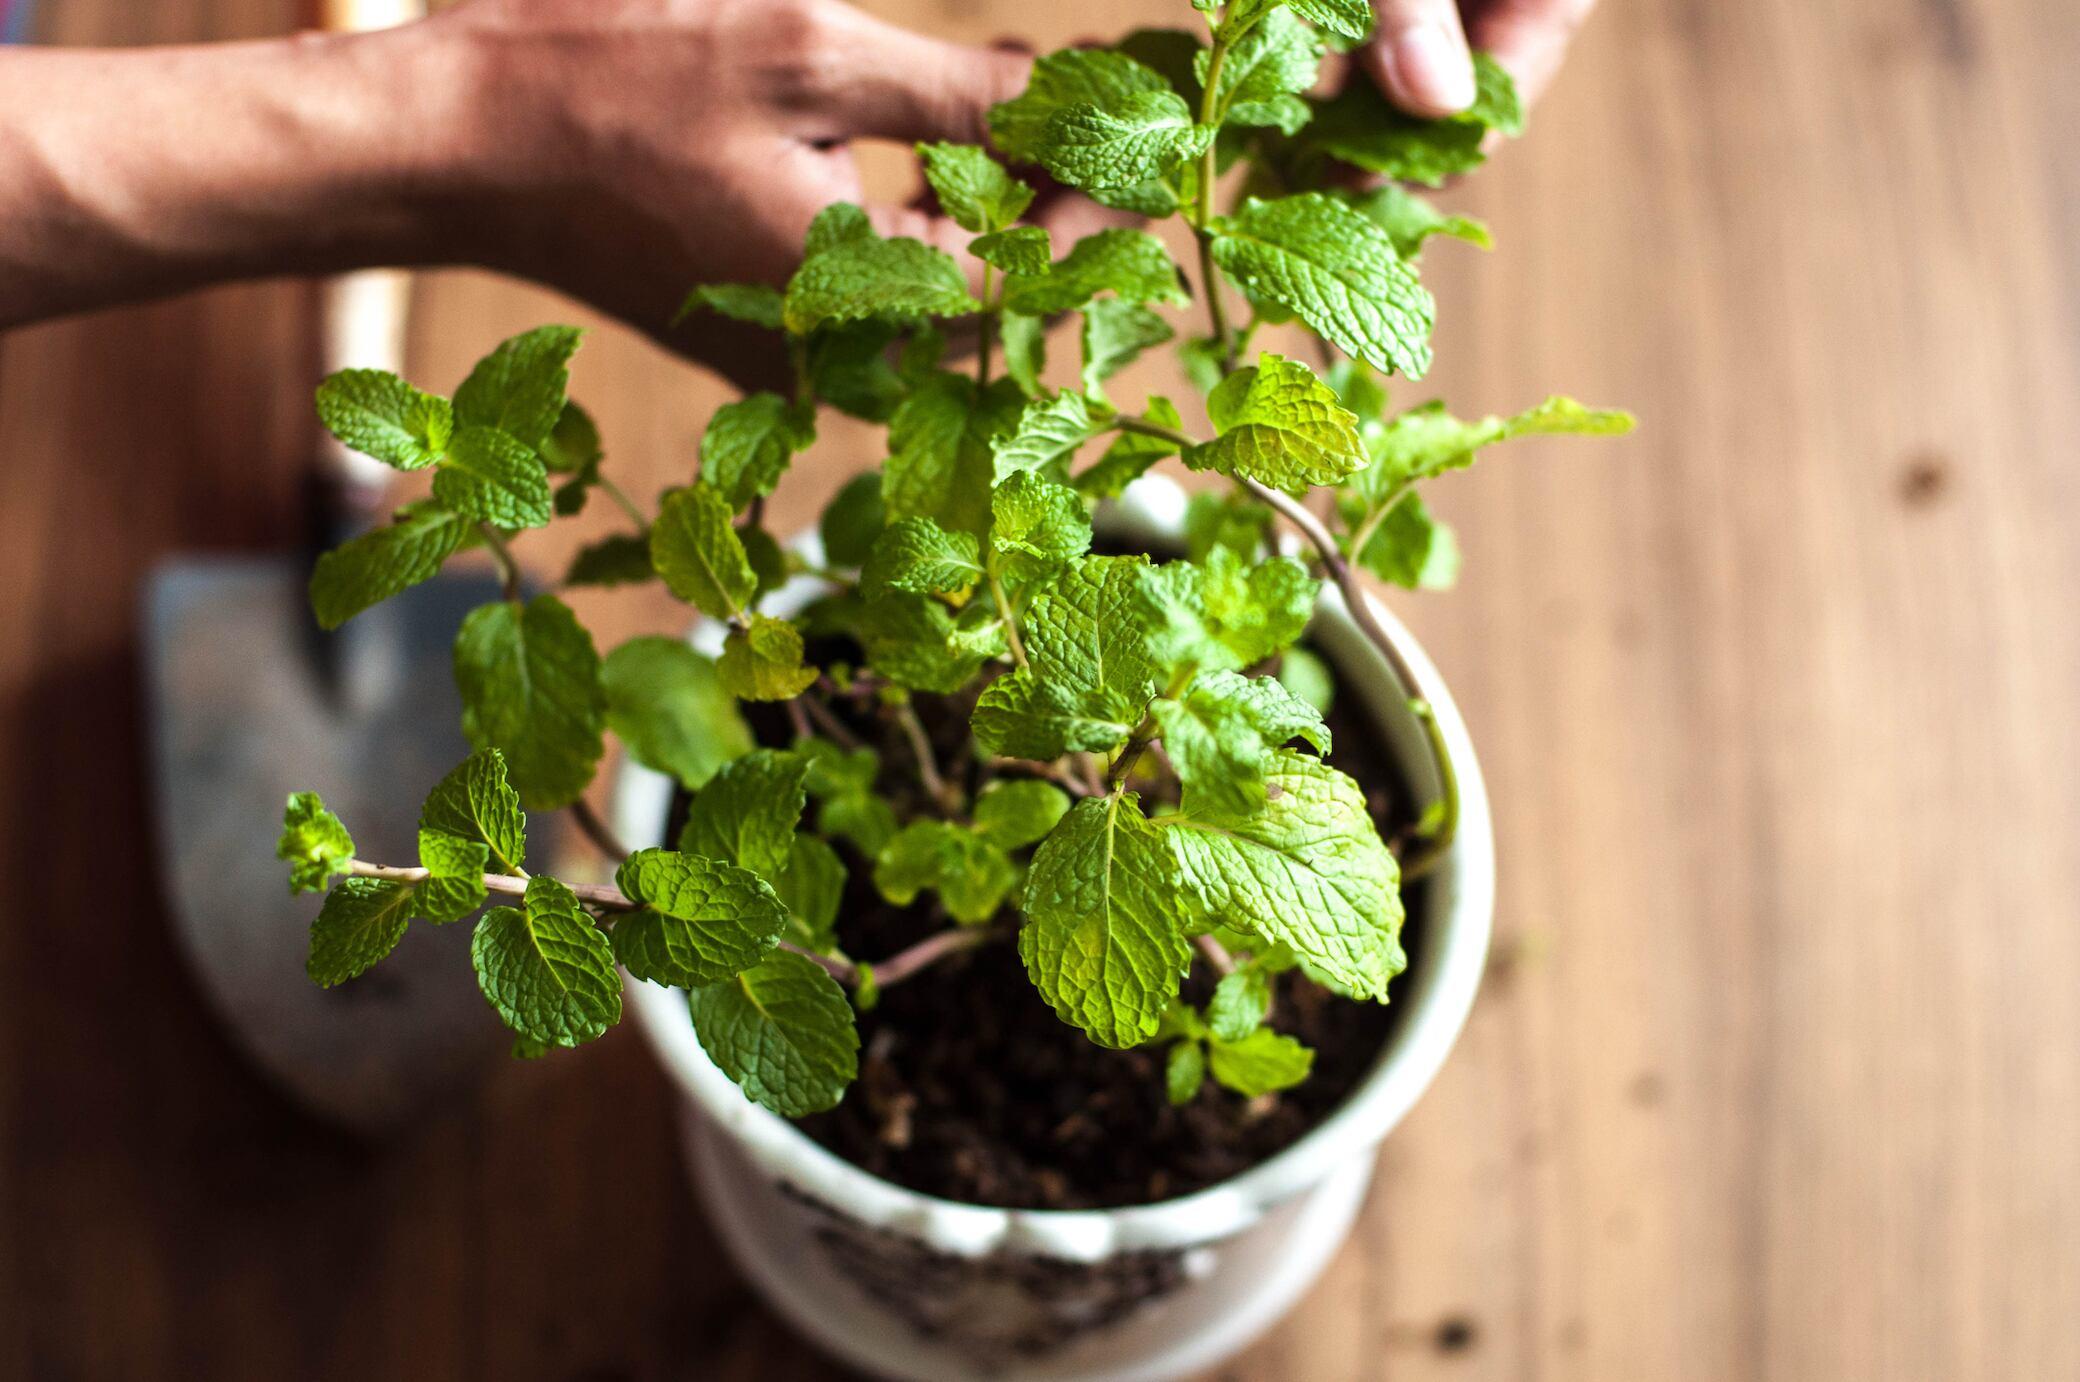 9 Anzeichen, dass man seine Pflanze umtopfen sollte